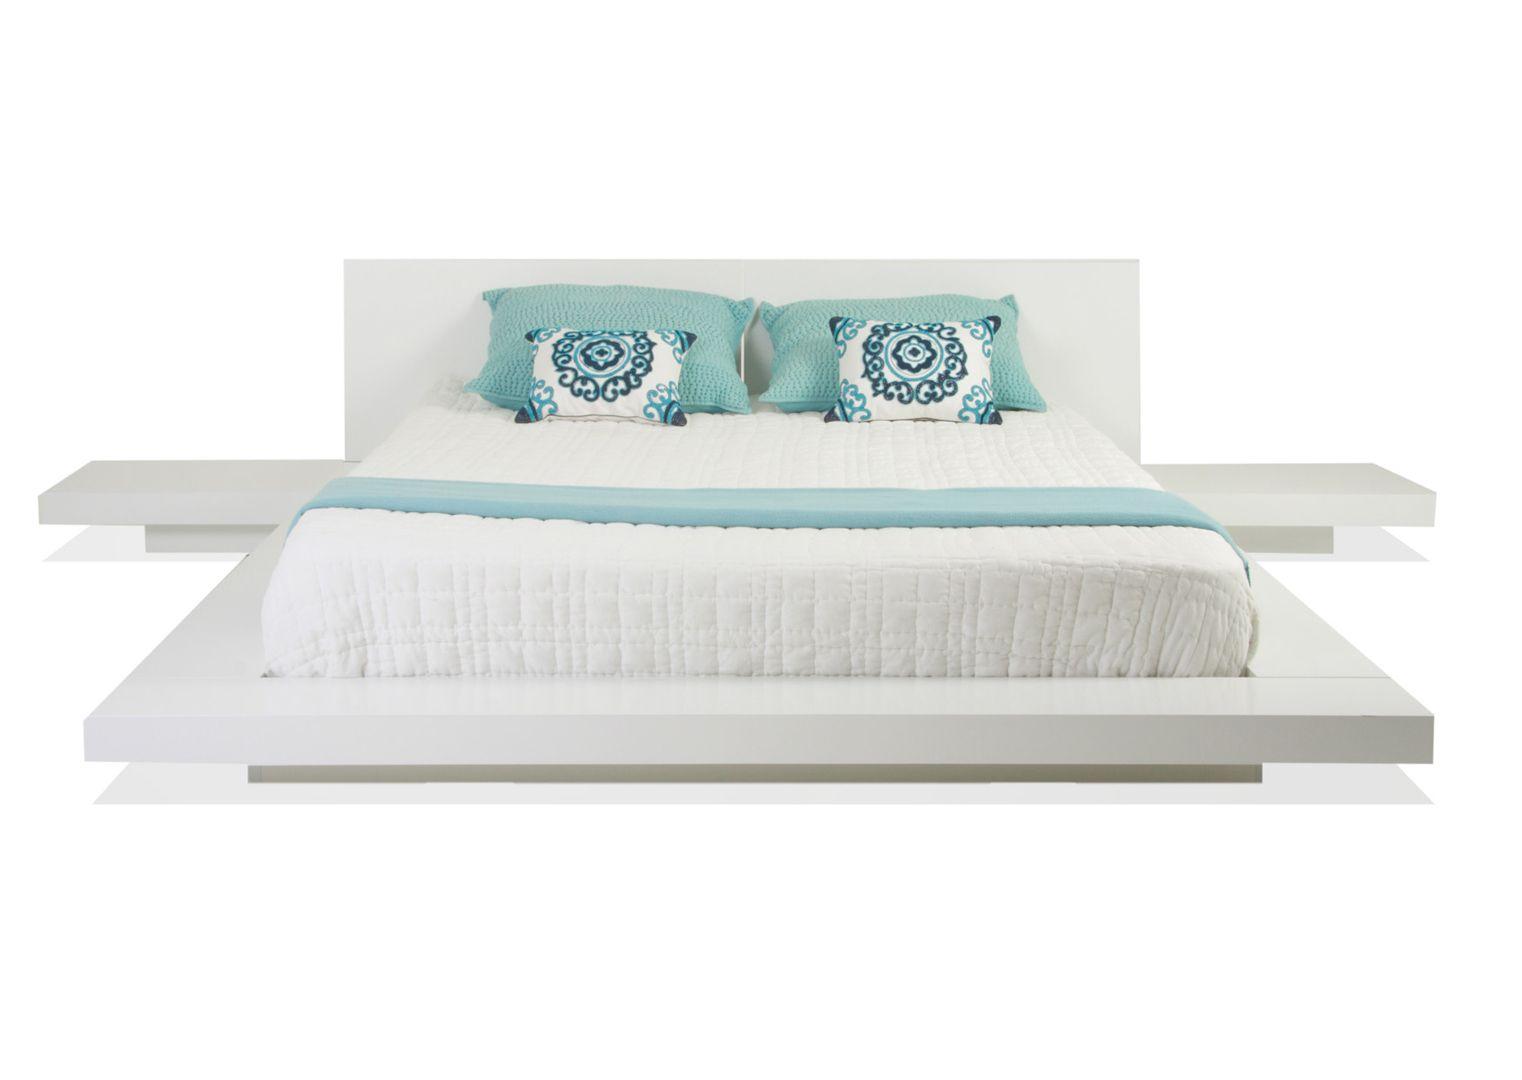 white platform japanese bed furniture bedroom furniture bed frame japanese platform bed. Black Bedroom Furniture Sets. Home Design Ideas